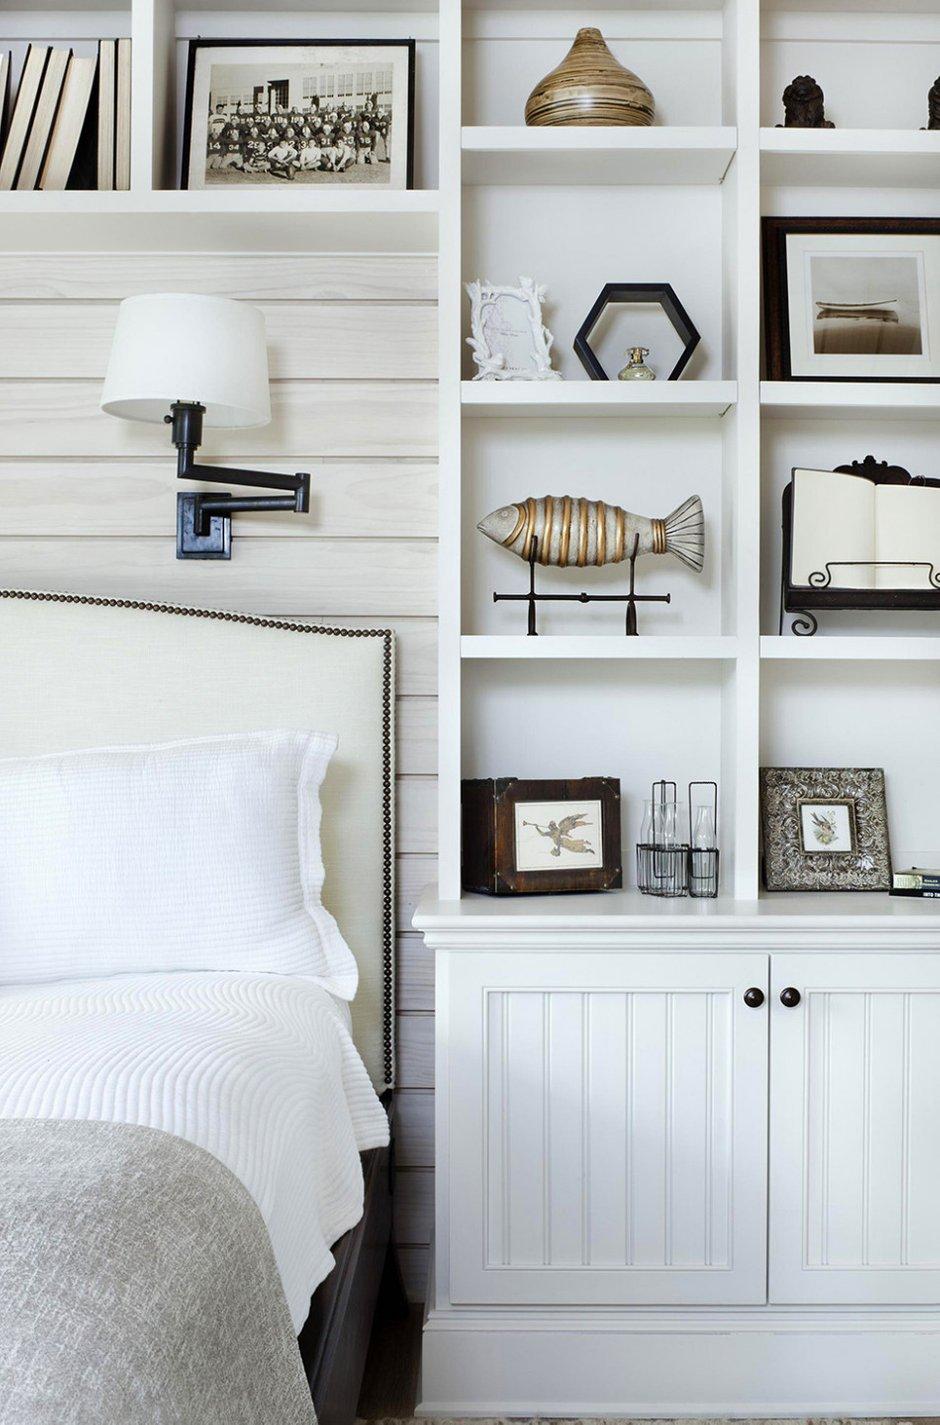 Фотография: Спальня в стиле Скандинавский, Современный, Классический, Дом, Дома и квартиры, Шебби-шик, Индустриальный, Техас – фото на INMYROOM